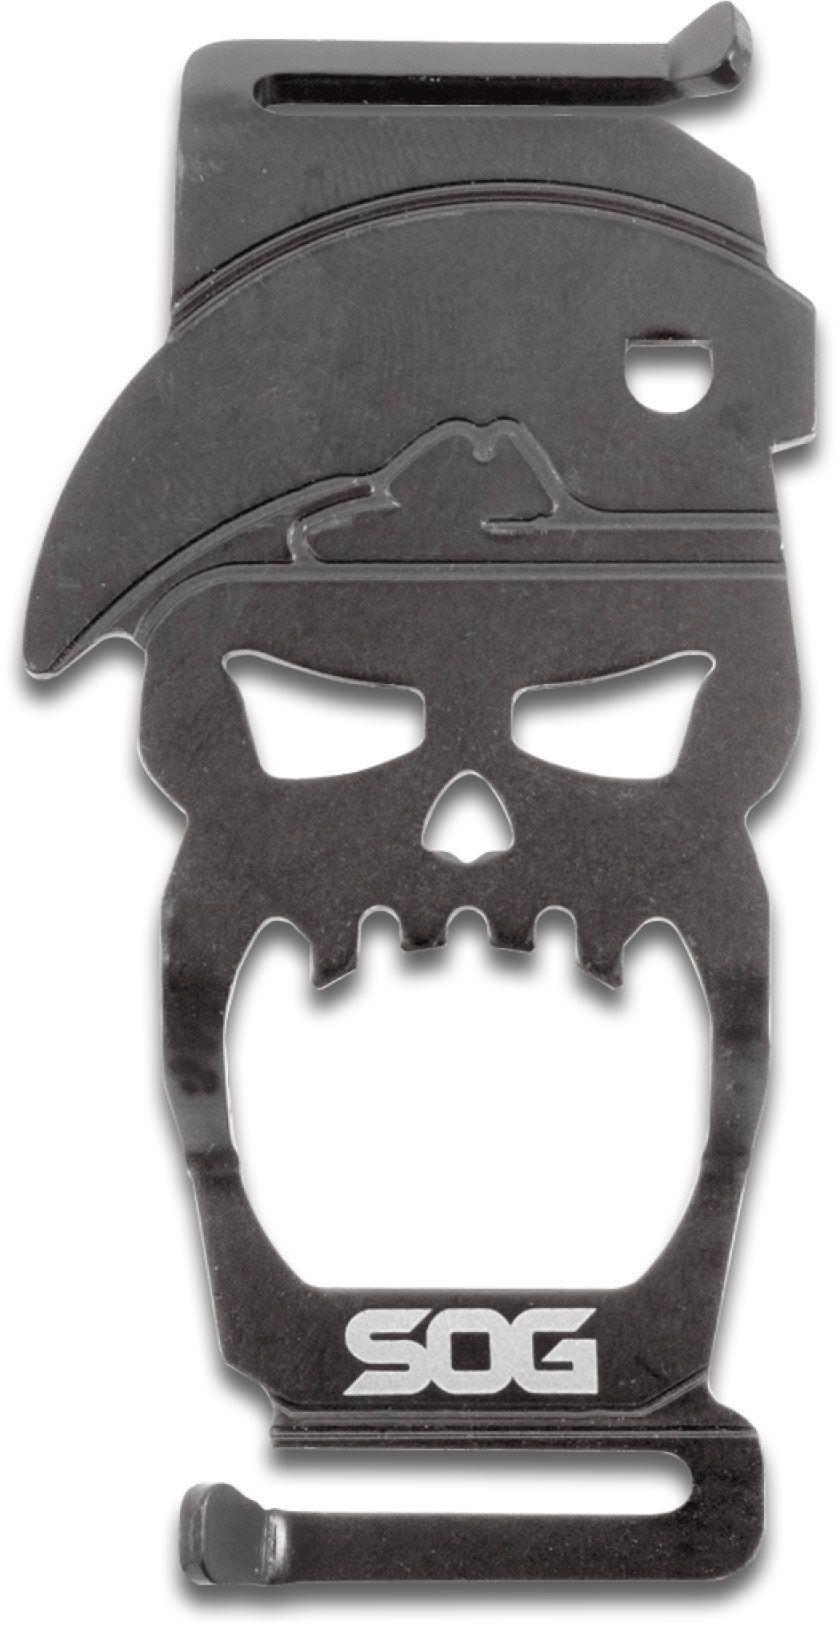 SOG Bite Skull Multi-Tool, 3.3 inch Overall